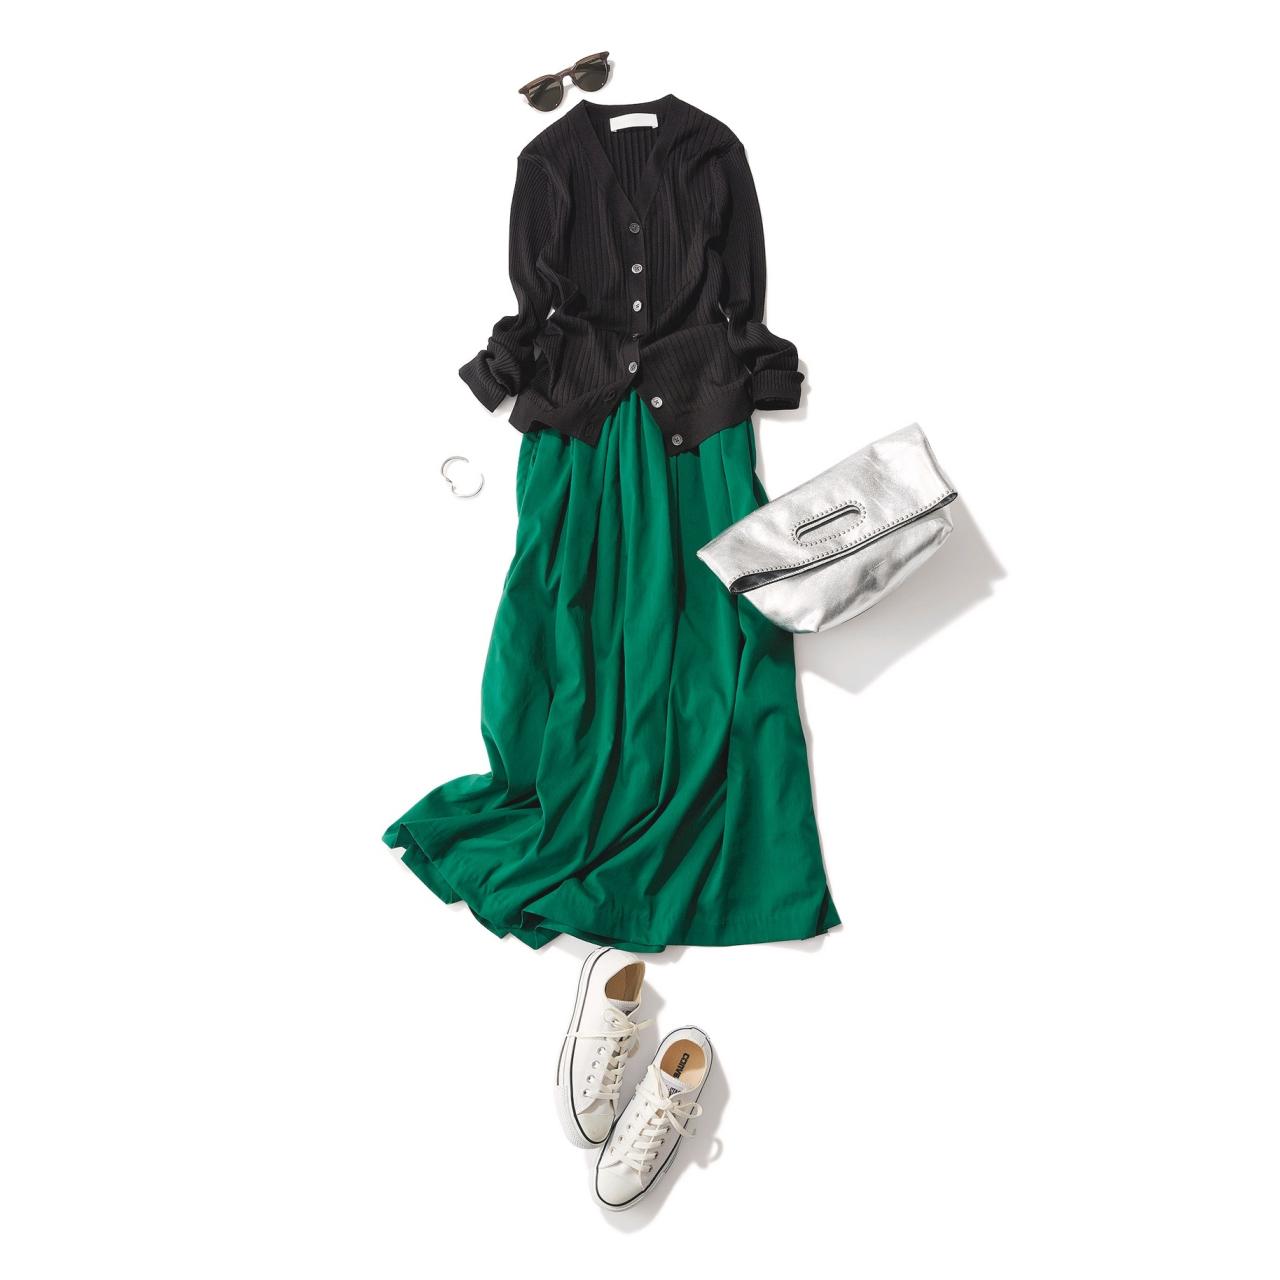 白コンバースのローカットスニーカー×カーディガン&スカートのファッションコーデ